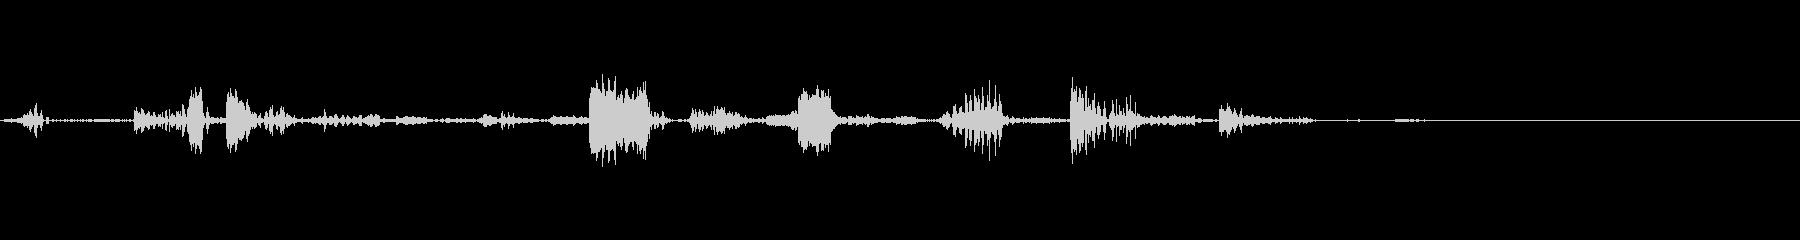 小型ロボットが喋っている音声の未再生の波形